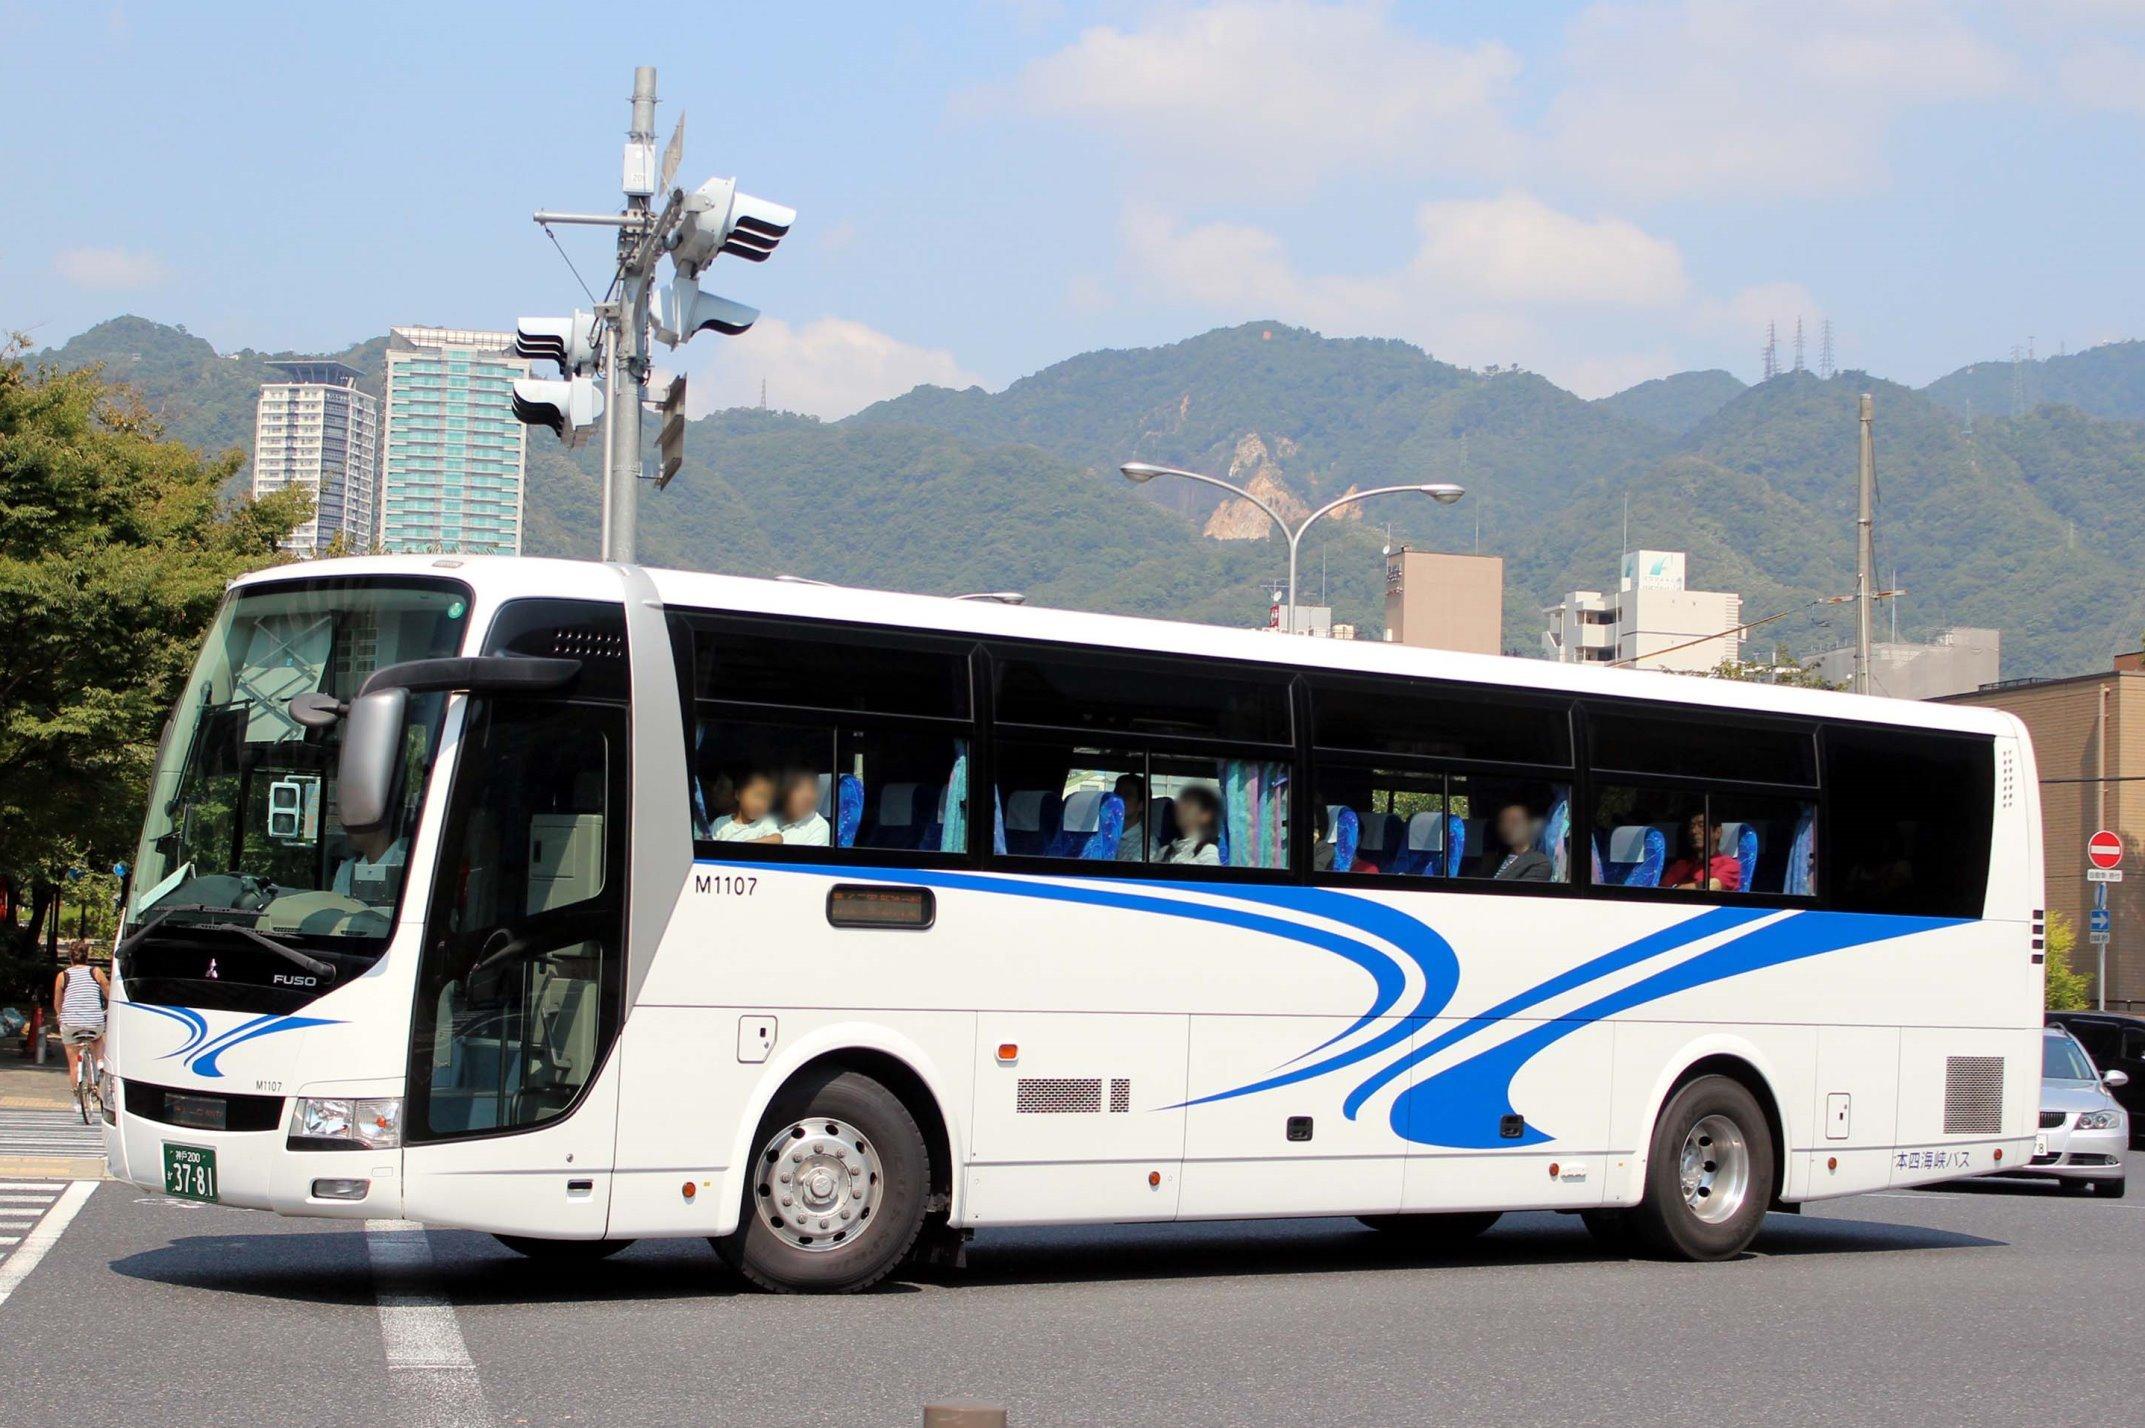 本四海峡バス M1107